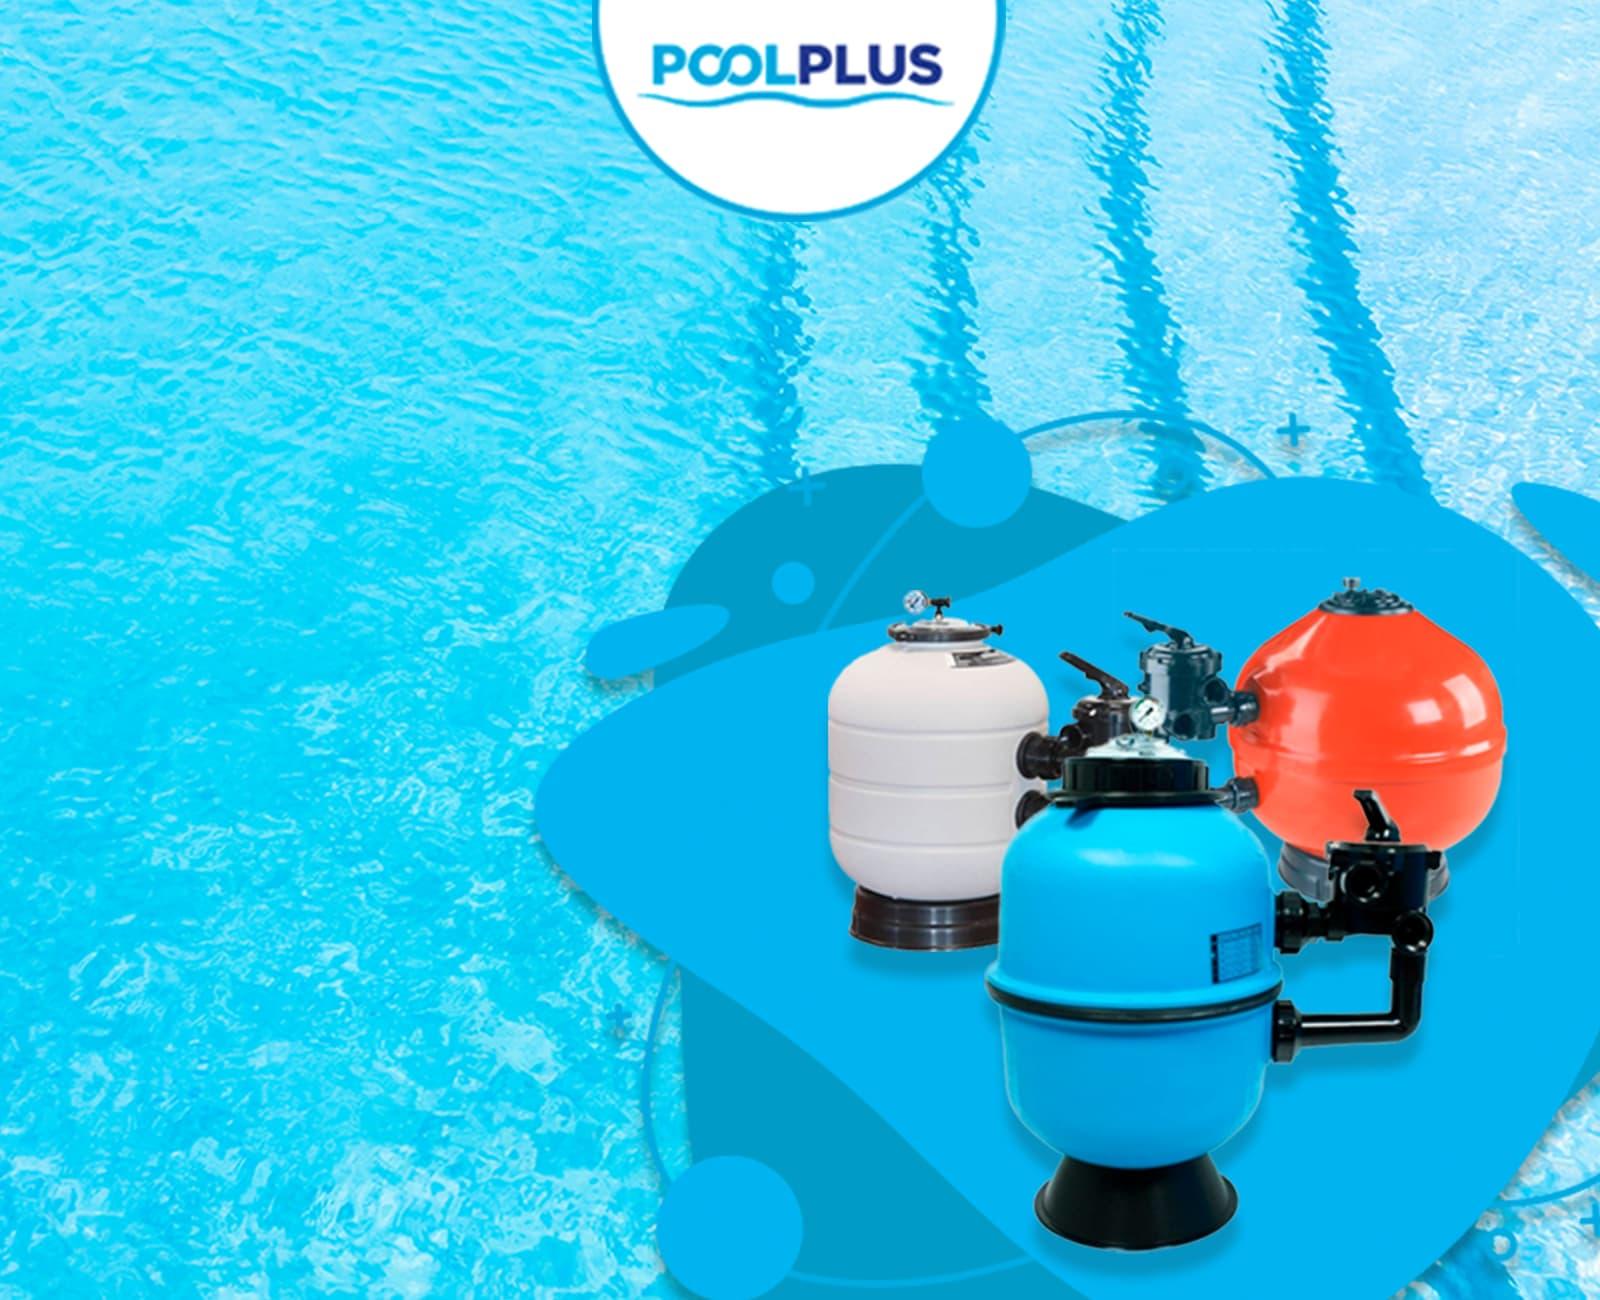 Elegir el filtro ideal para tu piscina